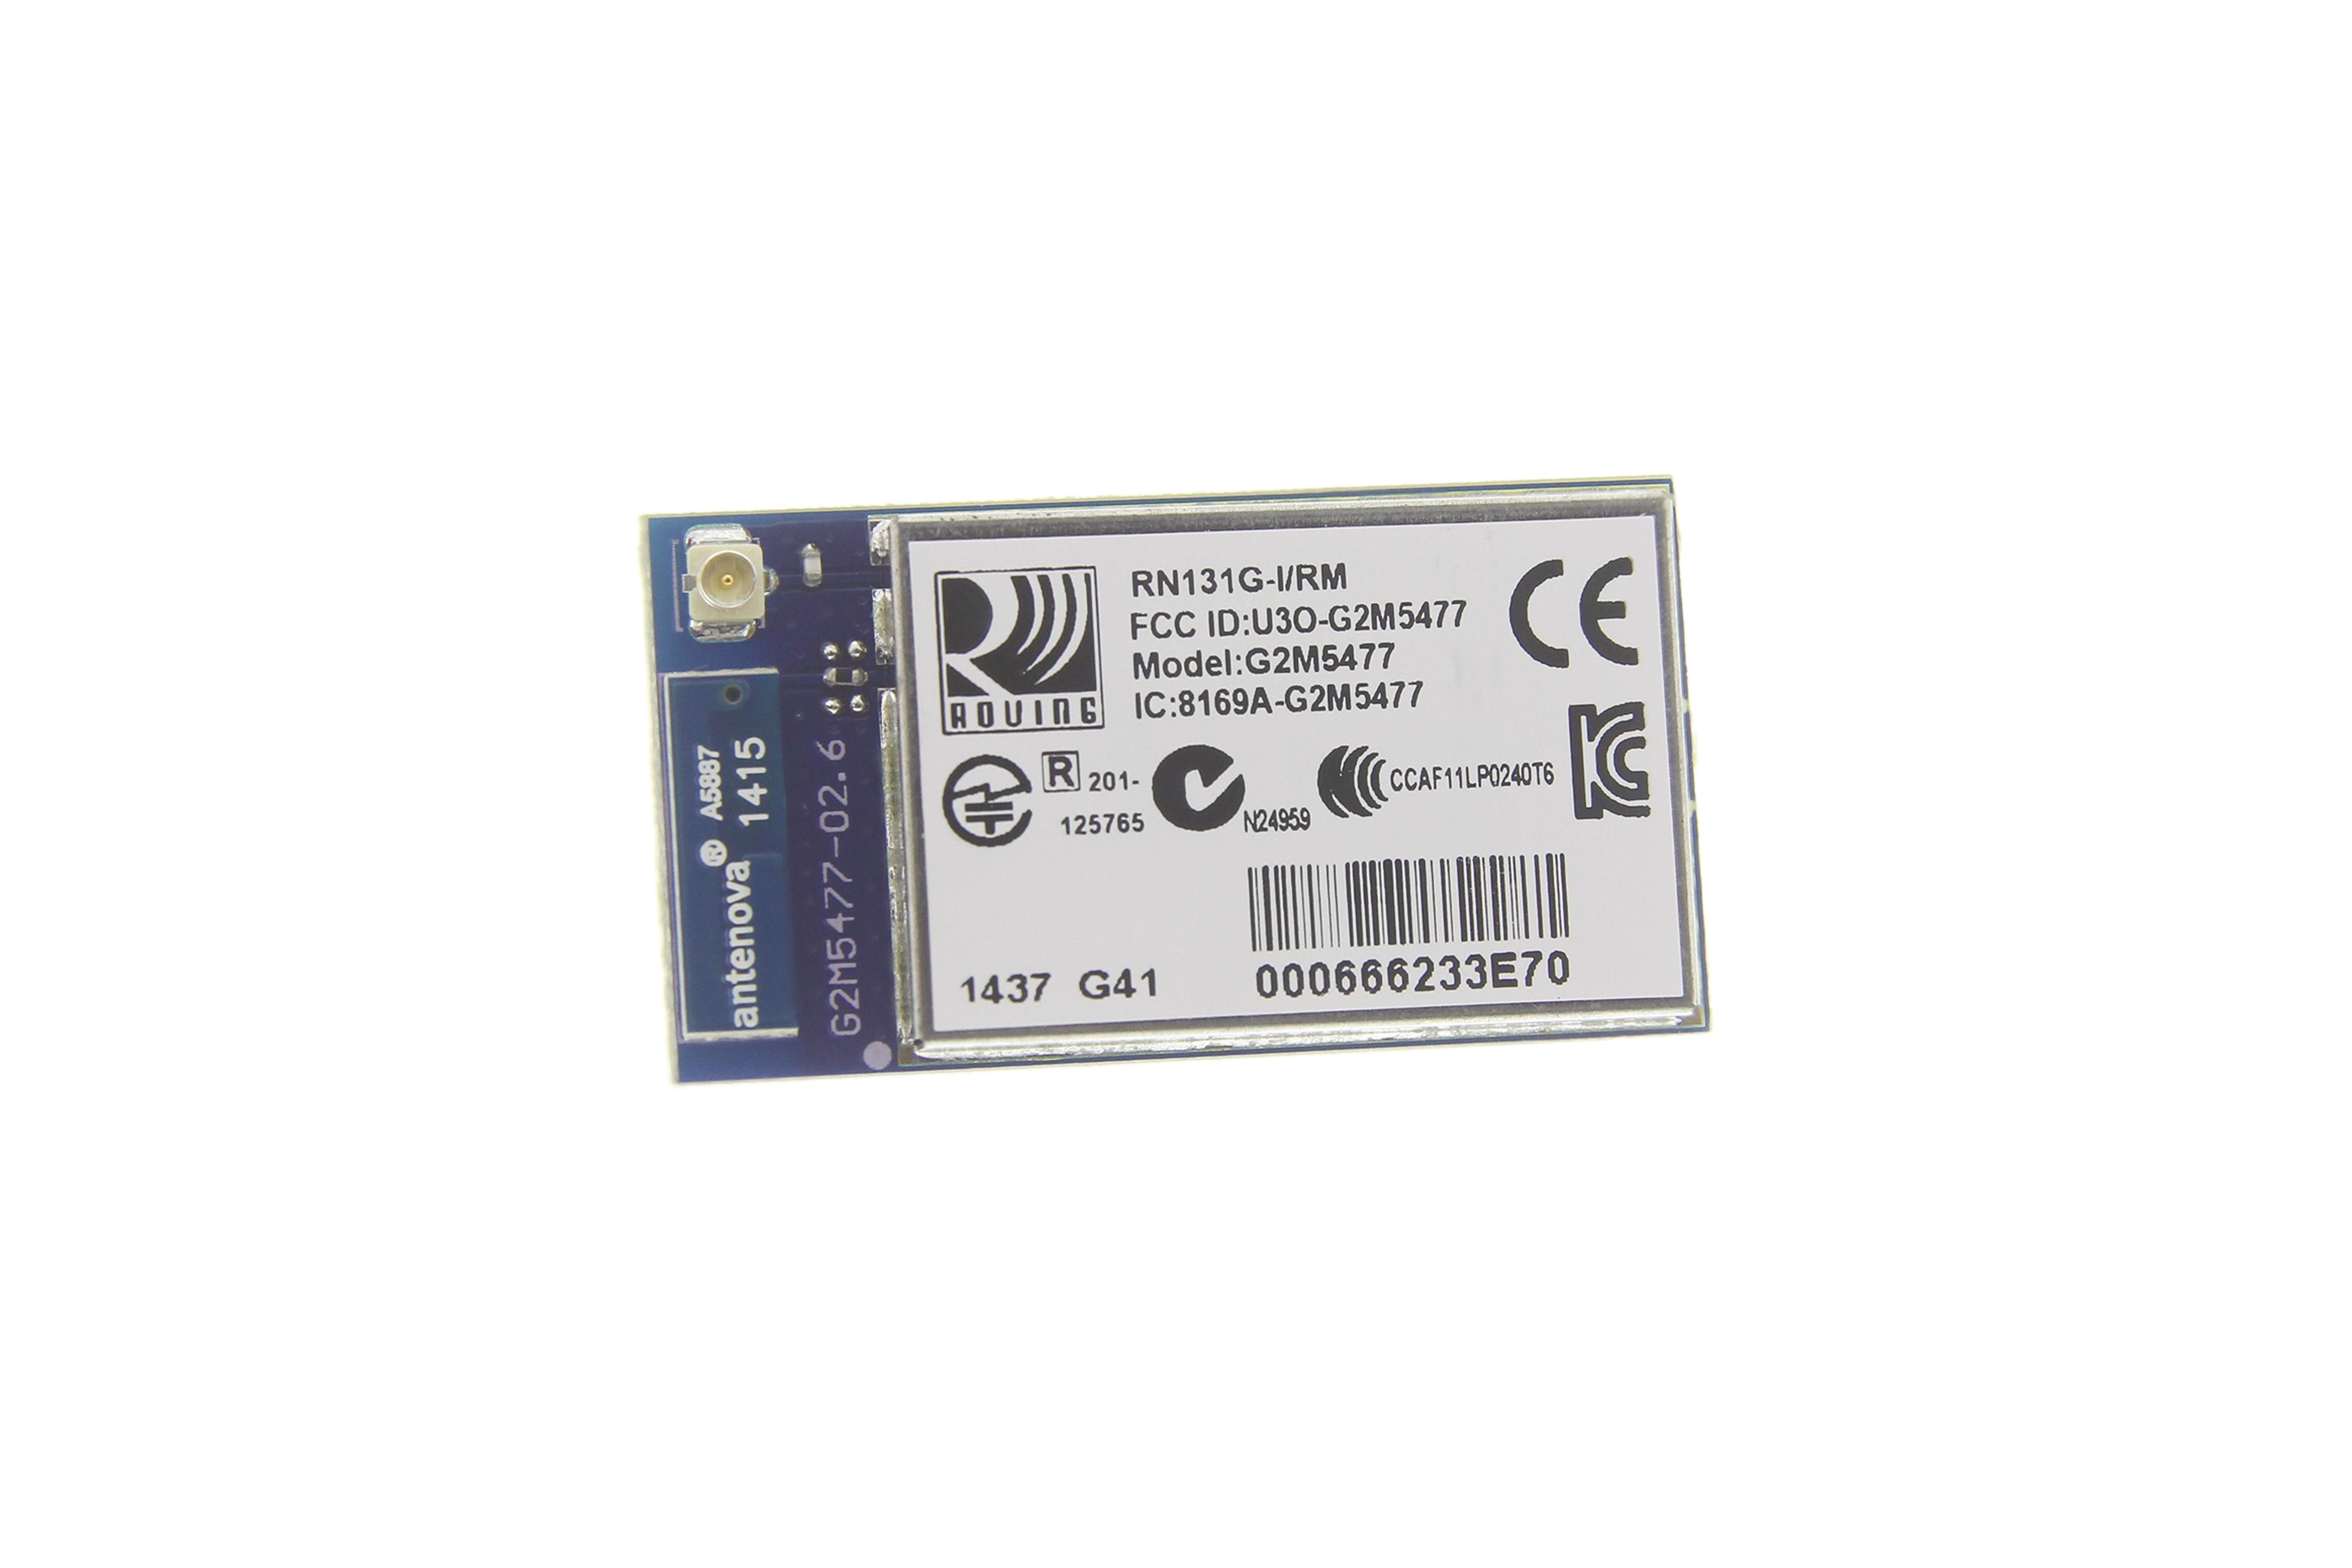 Modulo SMD WiFi 802.11 b/g con U.FL